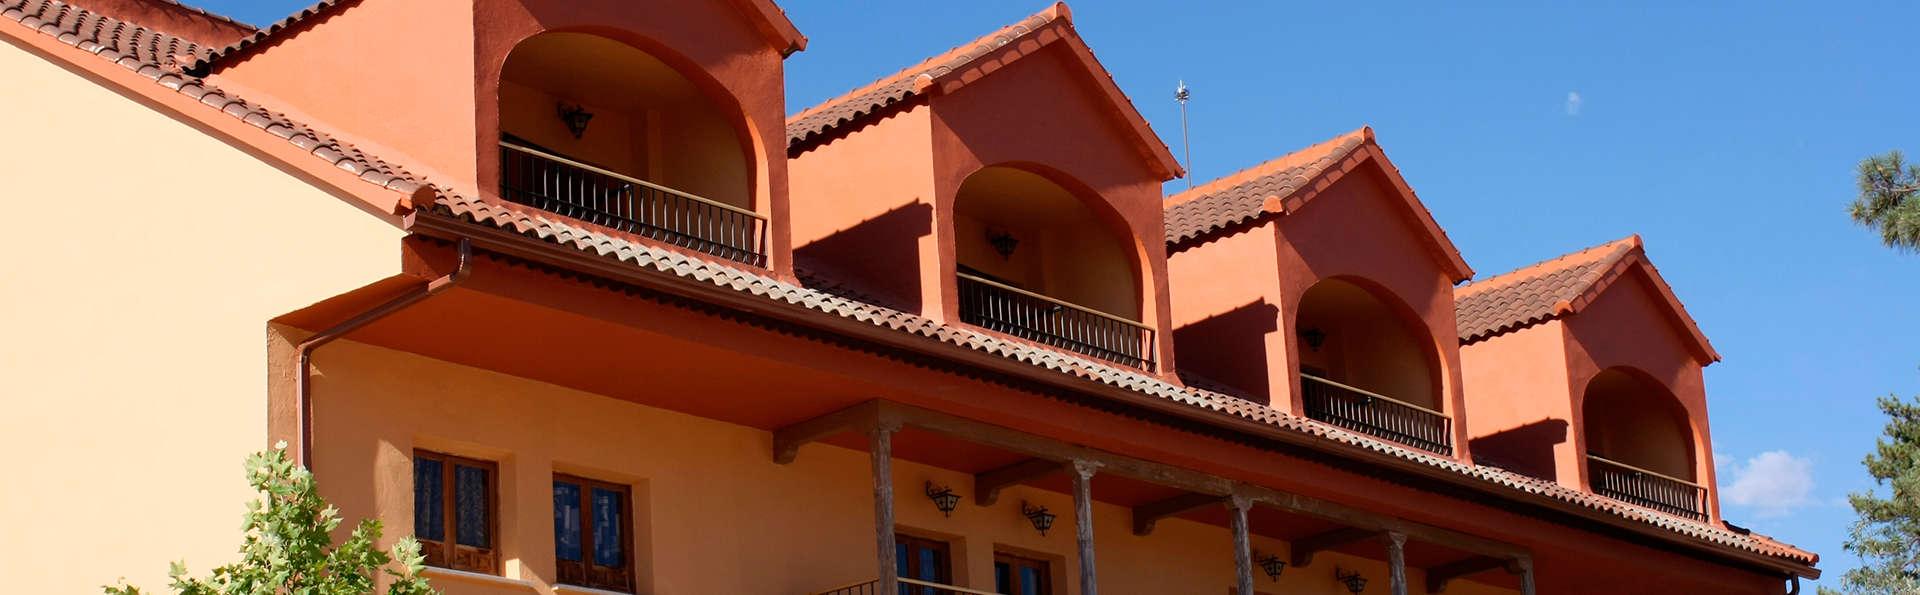 Hostal Ciudad Encantada - EDIT-_Ciudad_Encantada_-_03.jpg